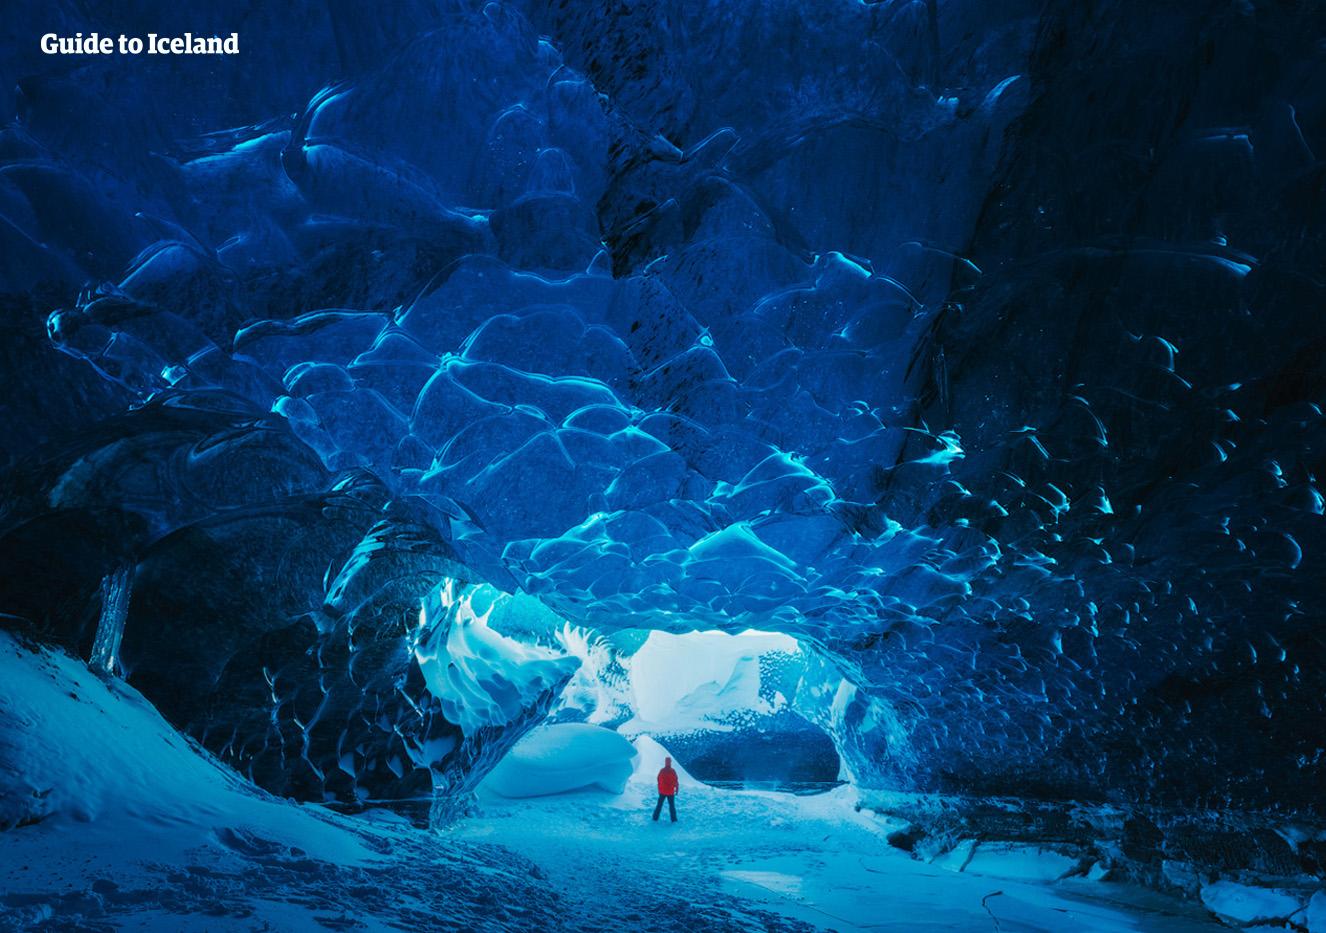 Olśniewające niebieskie wnętrze lodowych jaskiń Islandii.